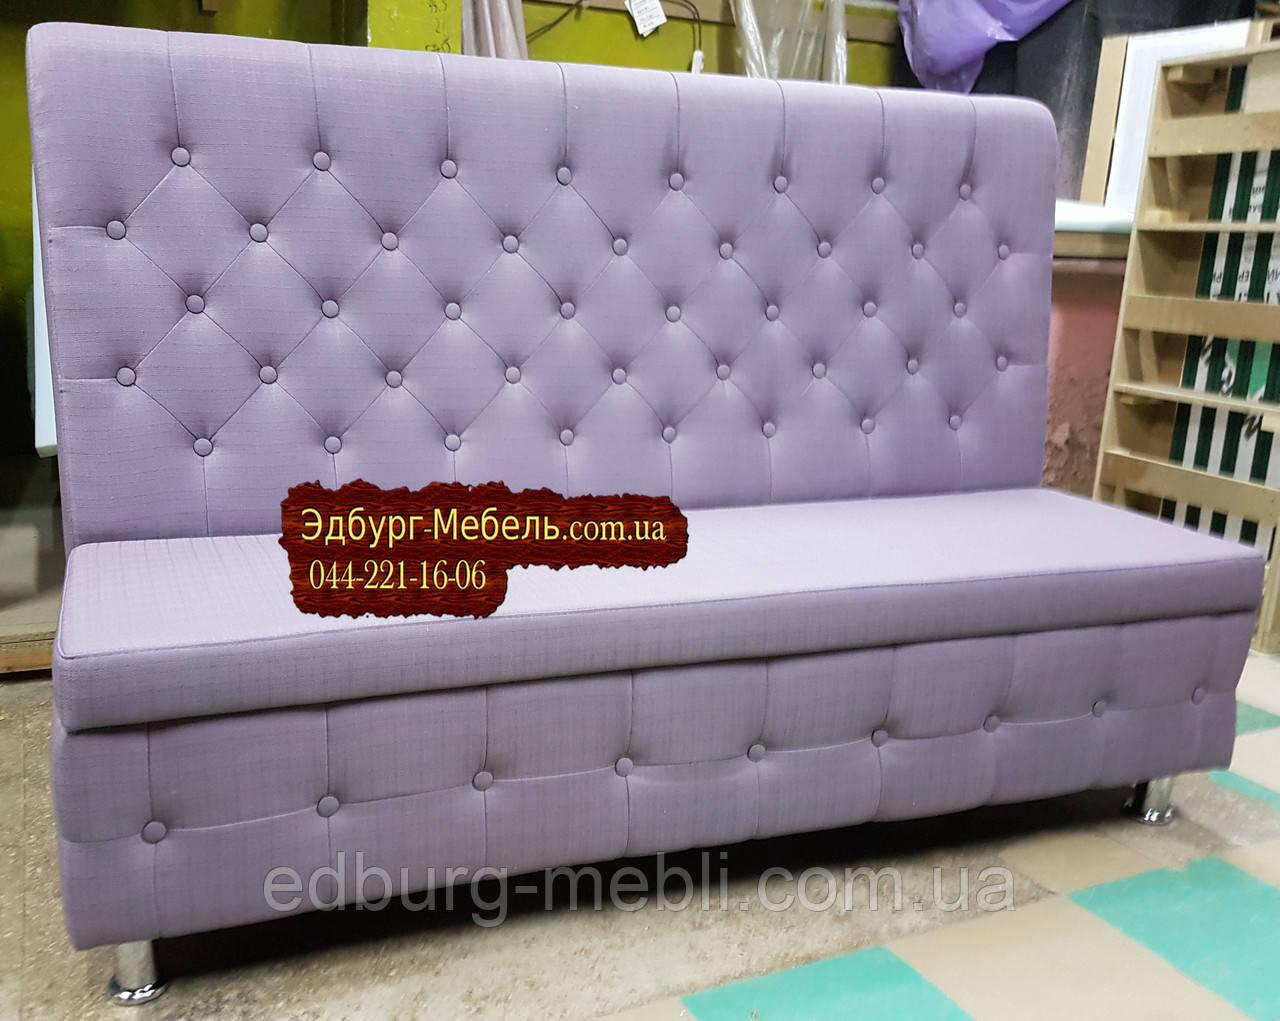 Диван для кухни балкона фиолетовый с ящиком